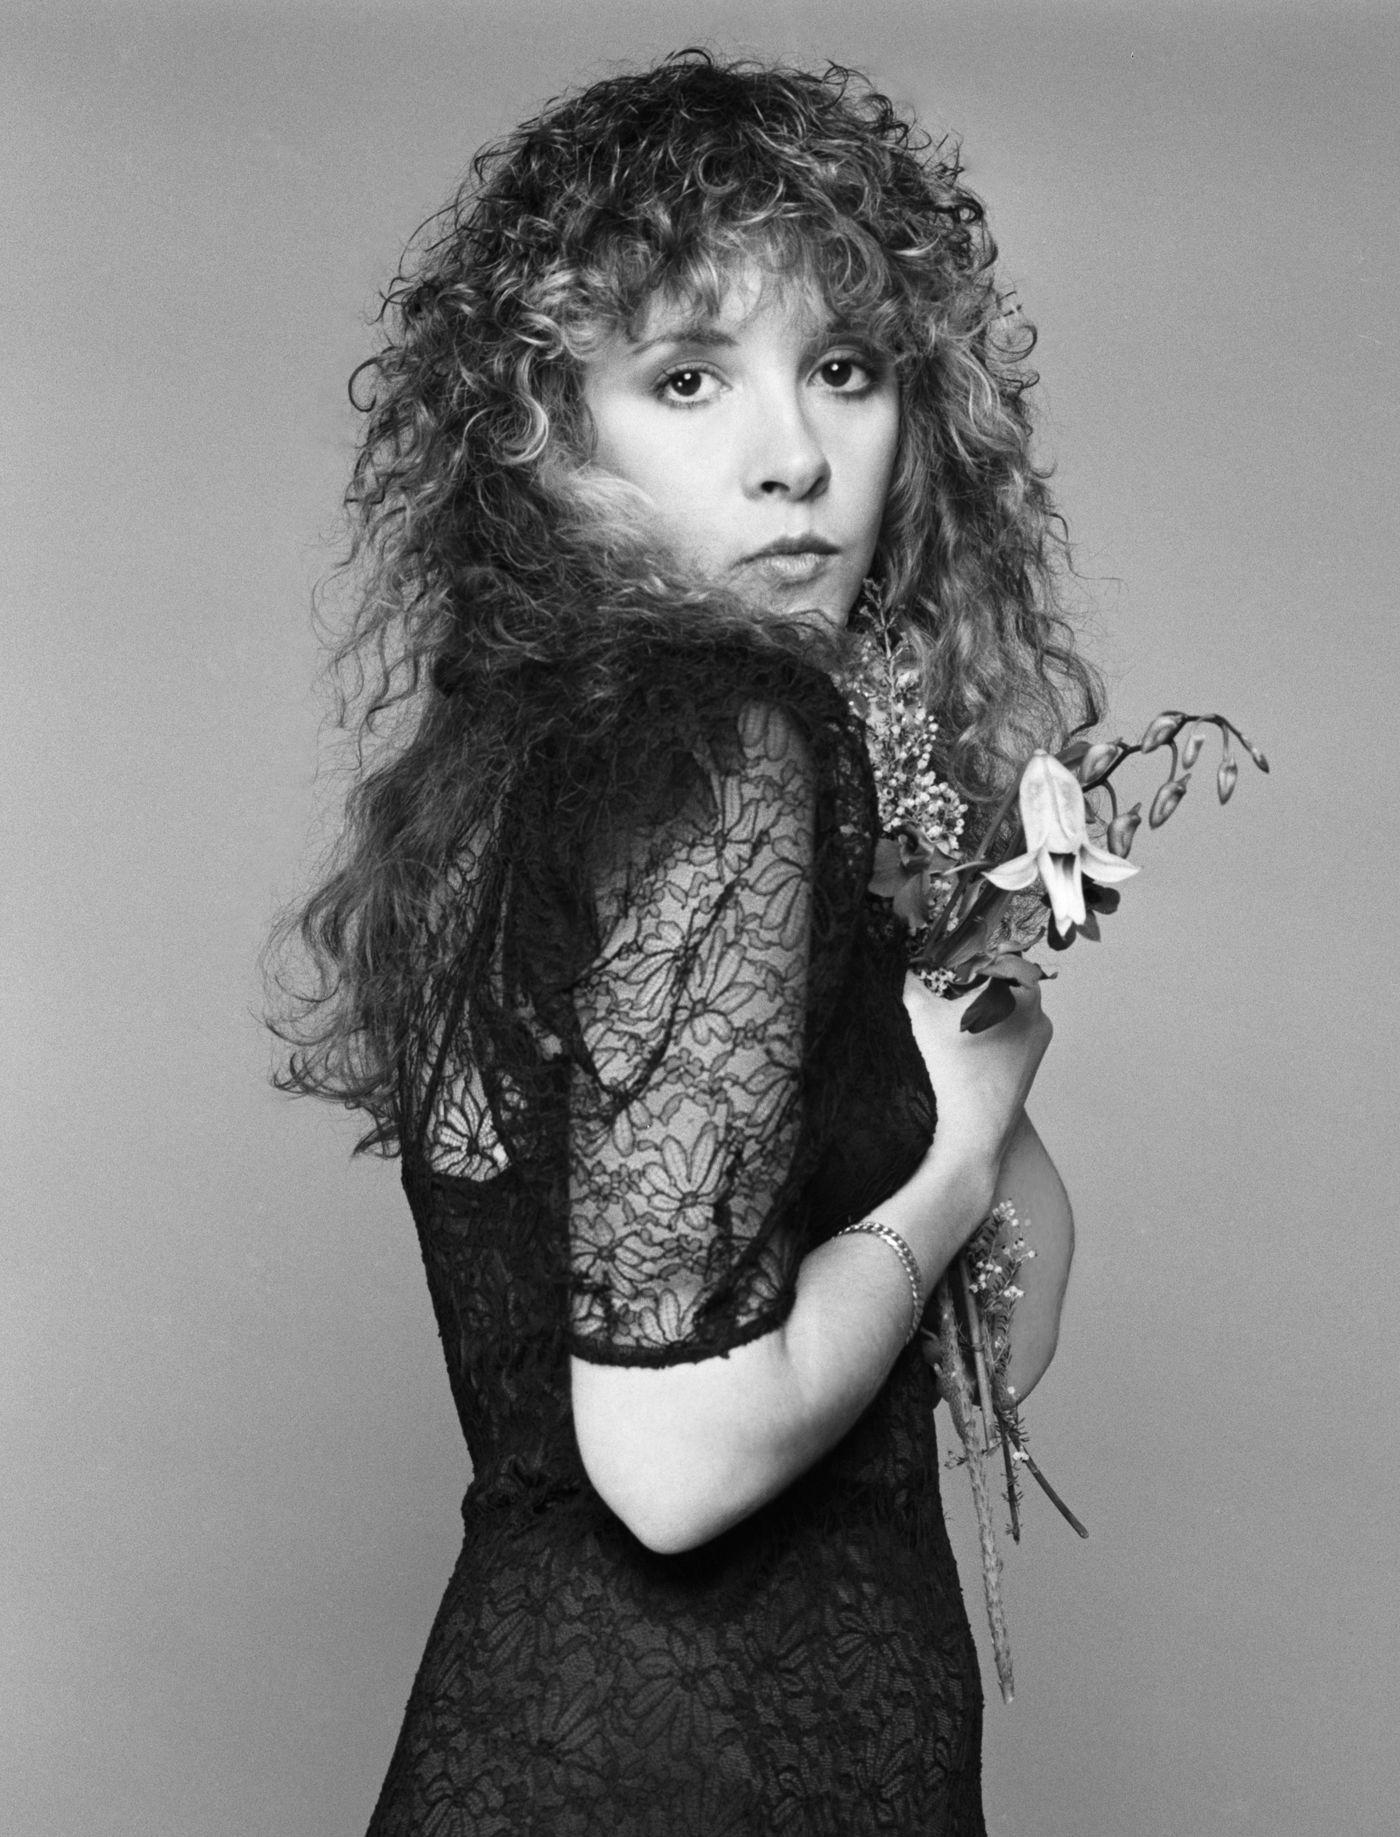 Happy Birthday Stevie Nicks 10 Fakten Uber Die Rockrohre Von Fleetwood Mac Rock Antenne